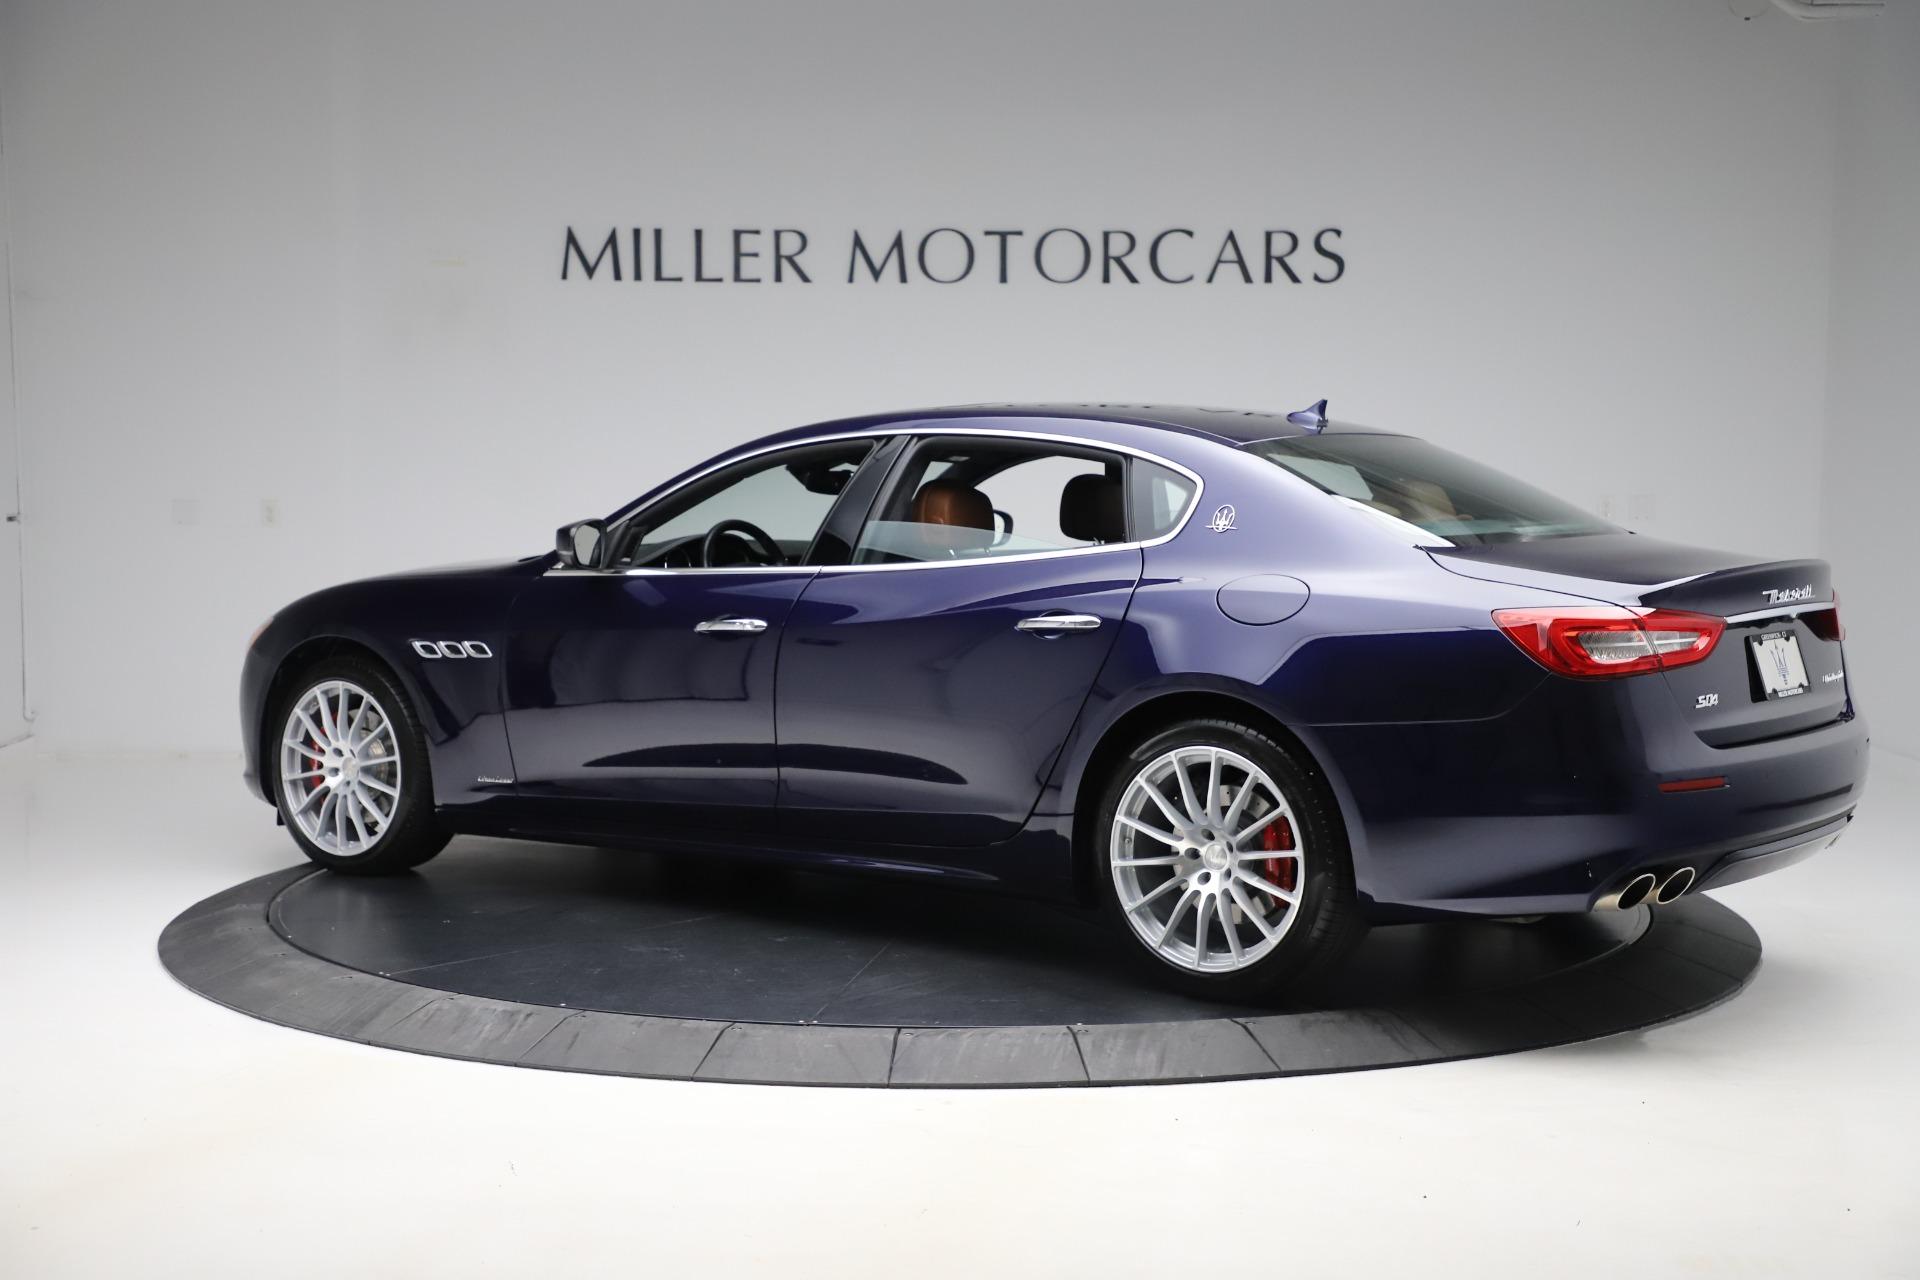 Used 2017 Maserati Quattroporte S Q4 GranLusso For Sale In Greenwich, CT 3553_p4